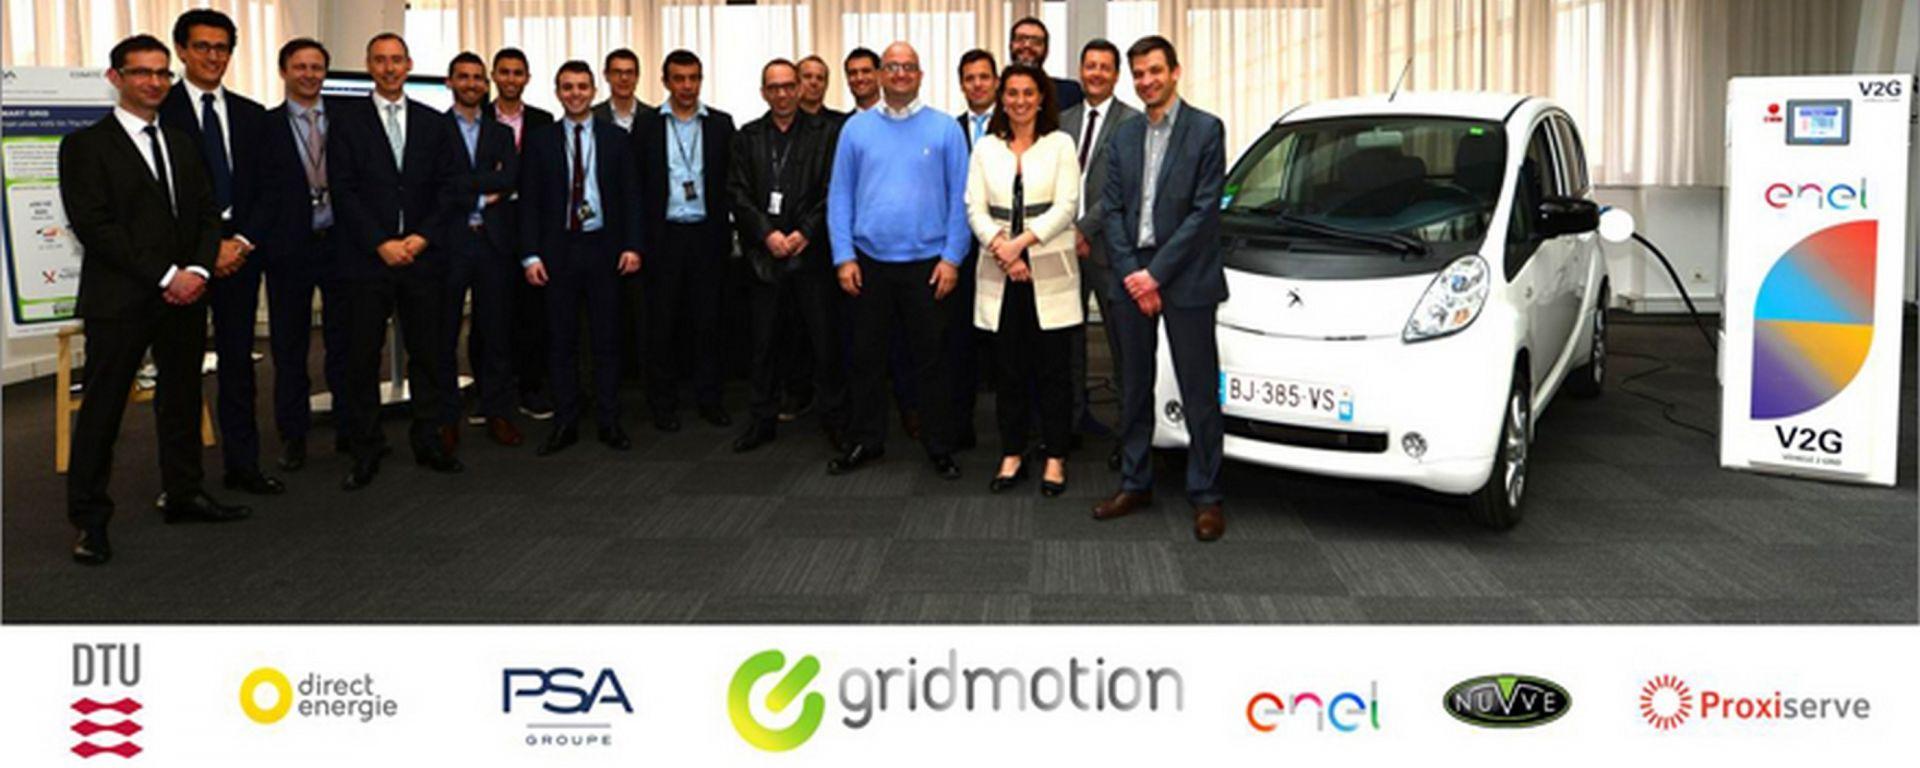 GridMotion: la presentazione